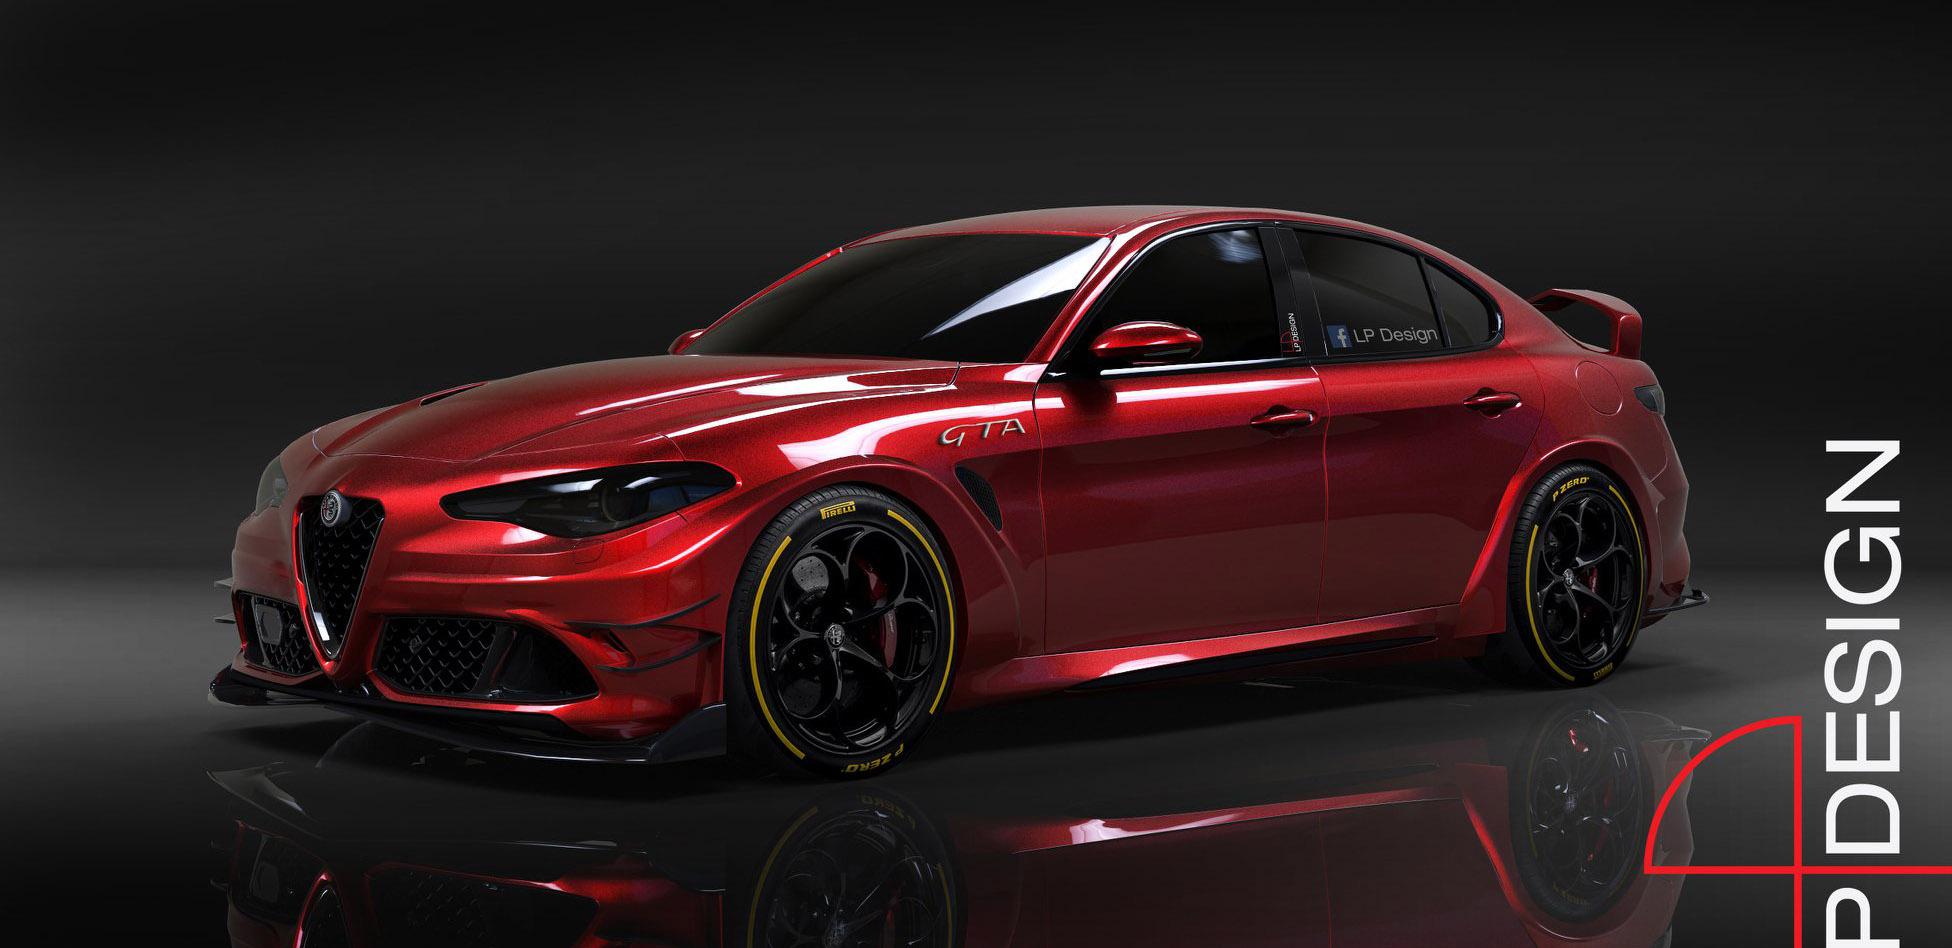 阿尔法·罗密欧Giulia新车型预告图 设计更激进